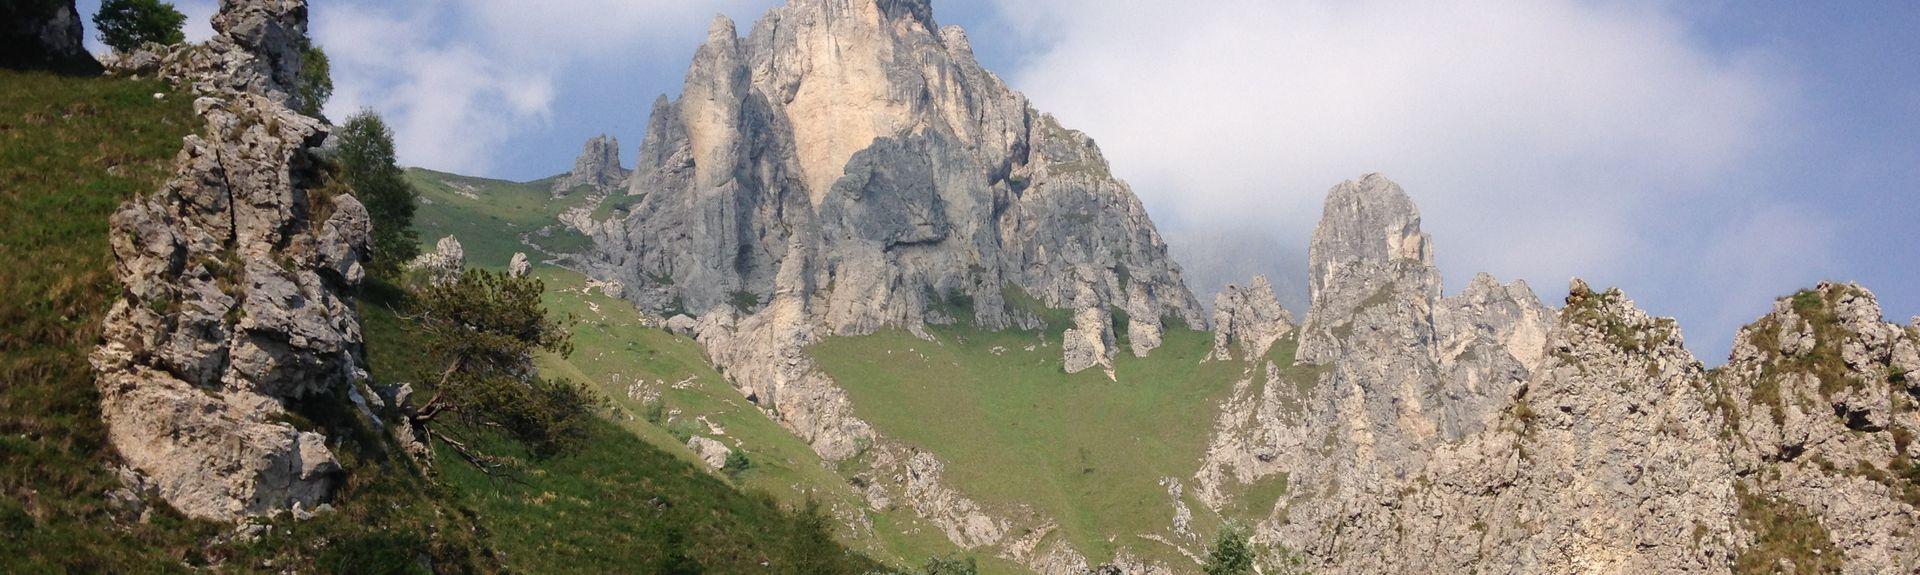 Calolziocorte, Lombardia, Włochy